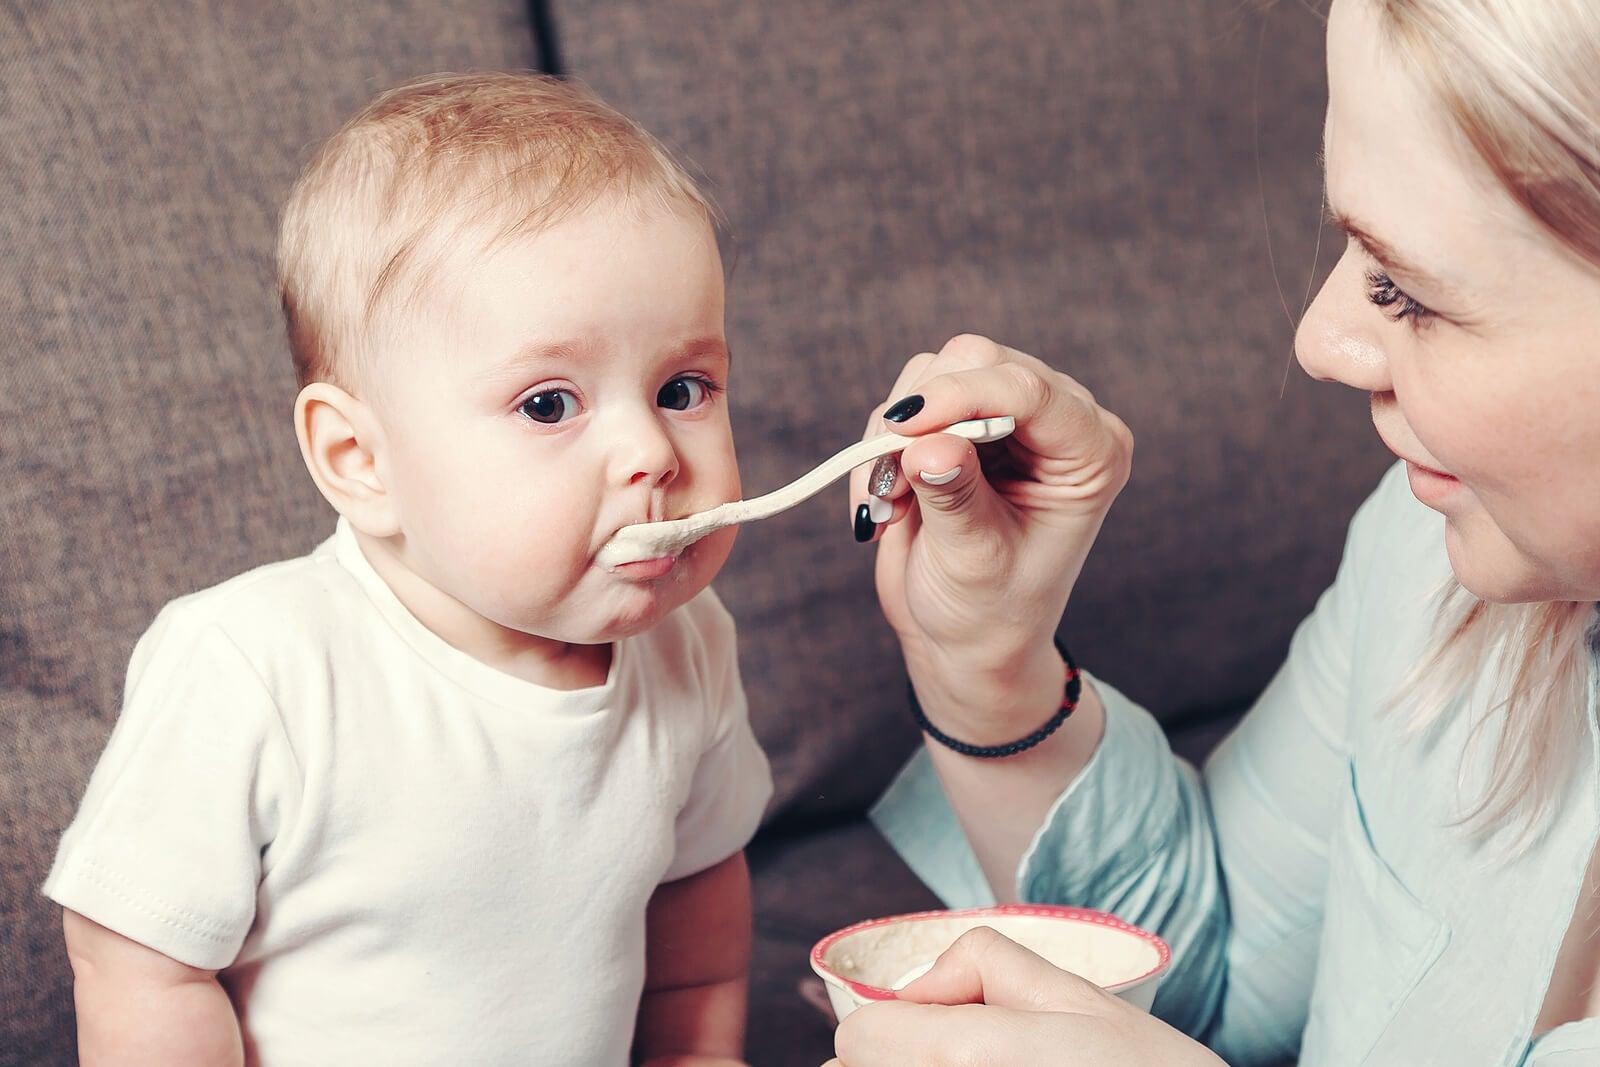 Madre dando de comer a su bebé.